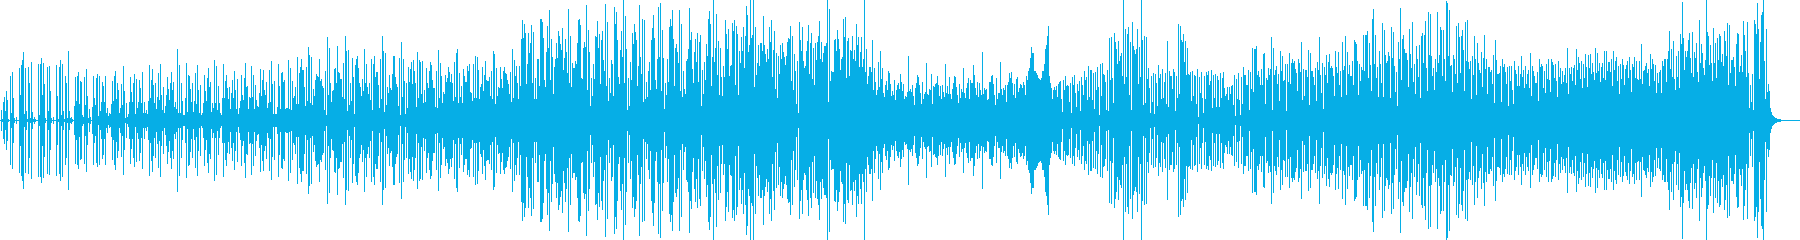 アグレッシブでストレンジなドラムテクノの再生済みの波形